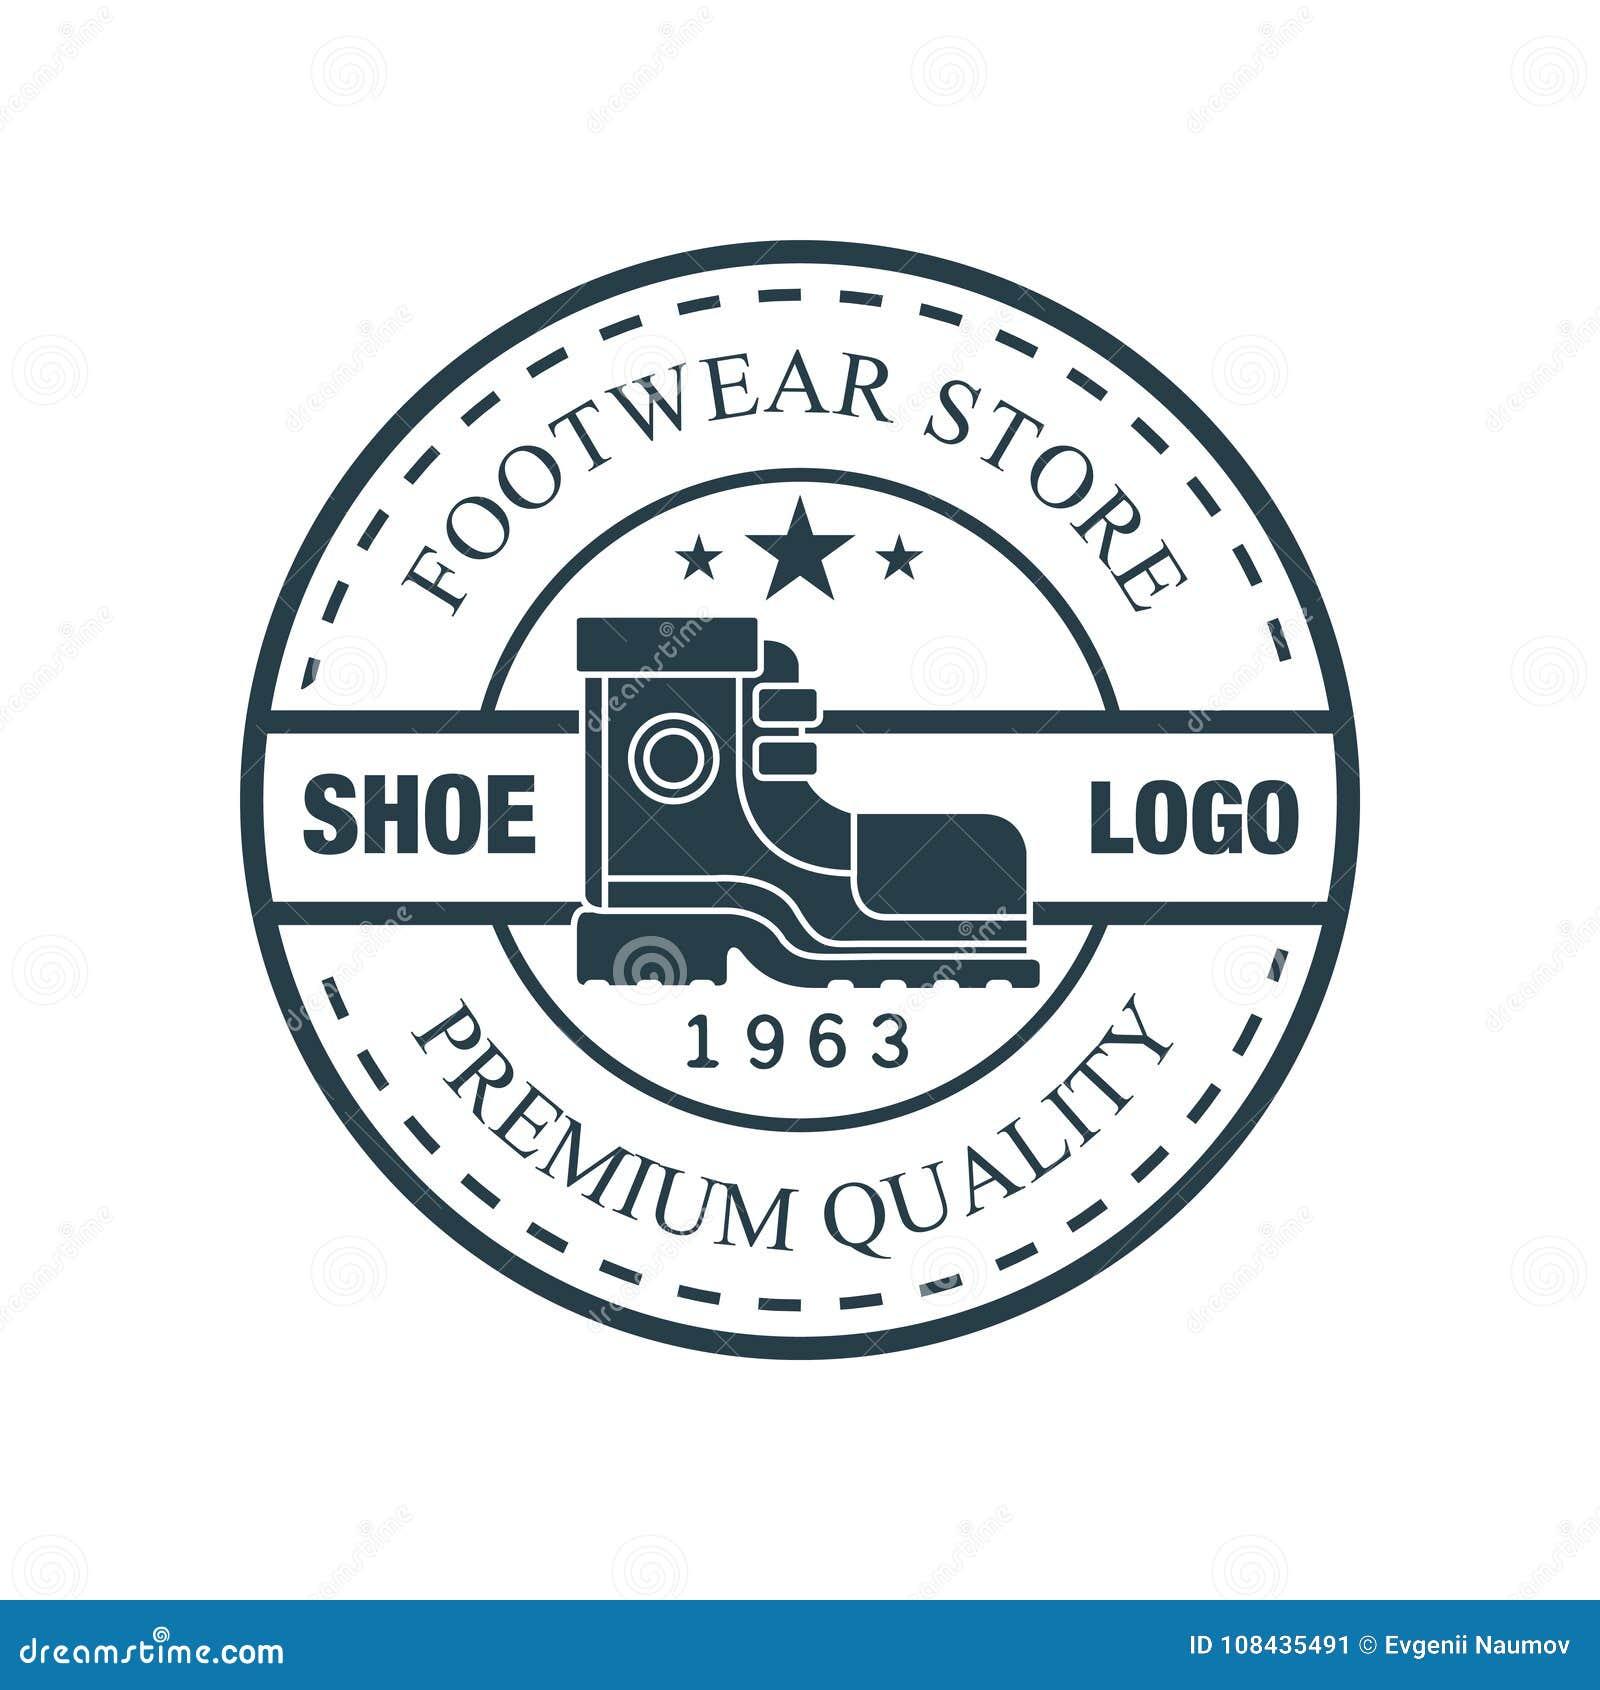 cf67b2116a8 Обуйте логотип, качество магазина обуви наградное, значок estd 1963  винтажный круглый для бренда обуви, сапожник или иллюстрацию вектора  ремонта ботинок на ...